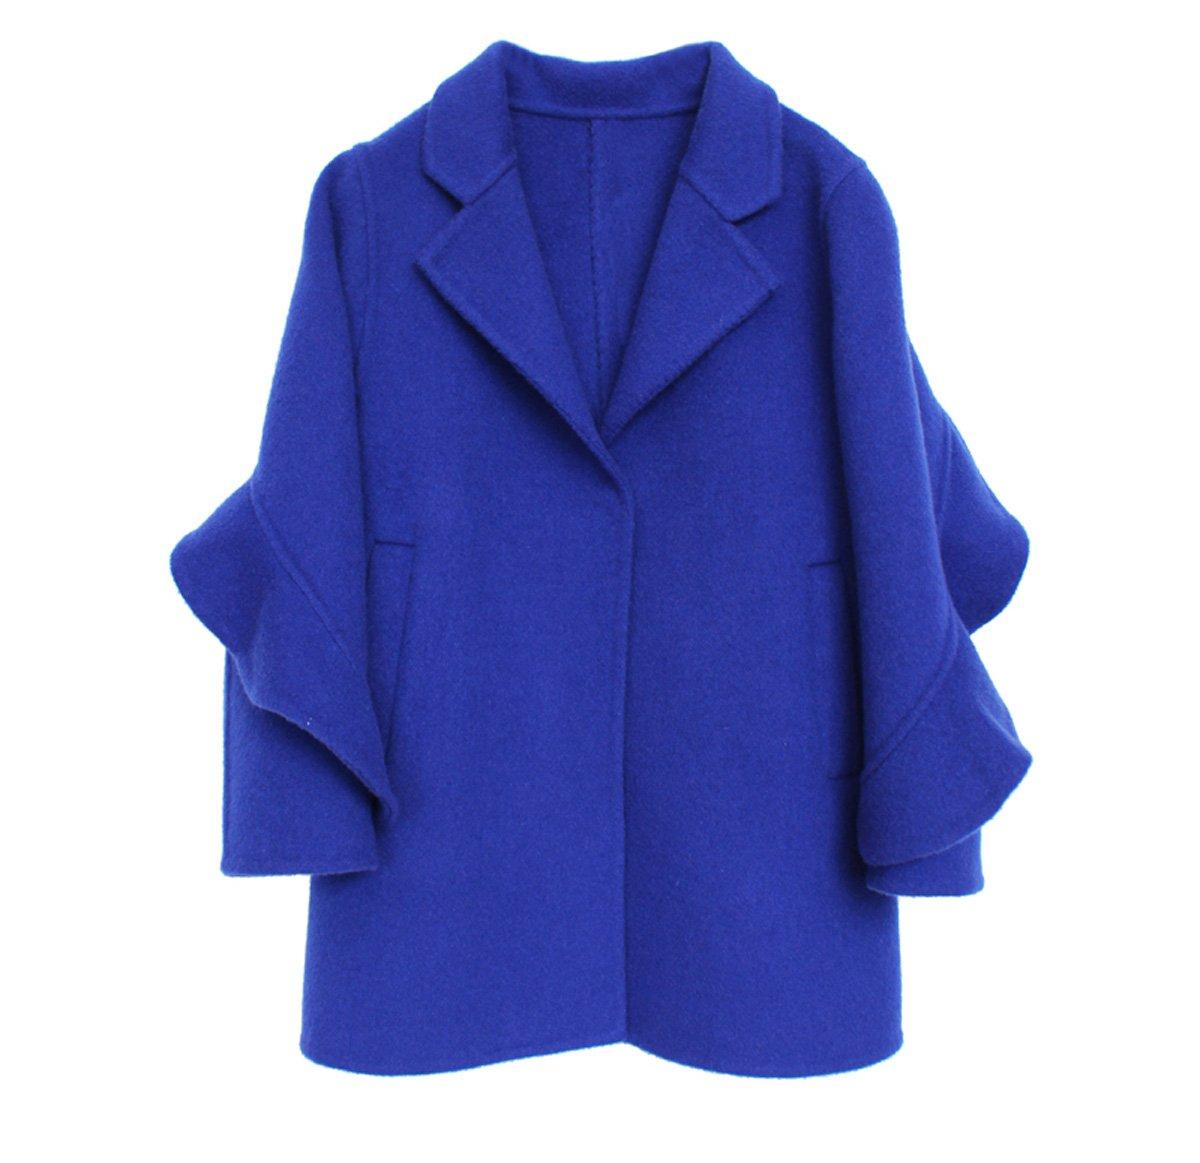 Girls Handmade Coat mid-length Woolen Overcoat Blue